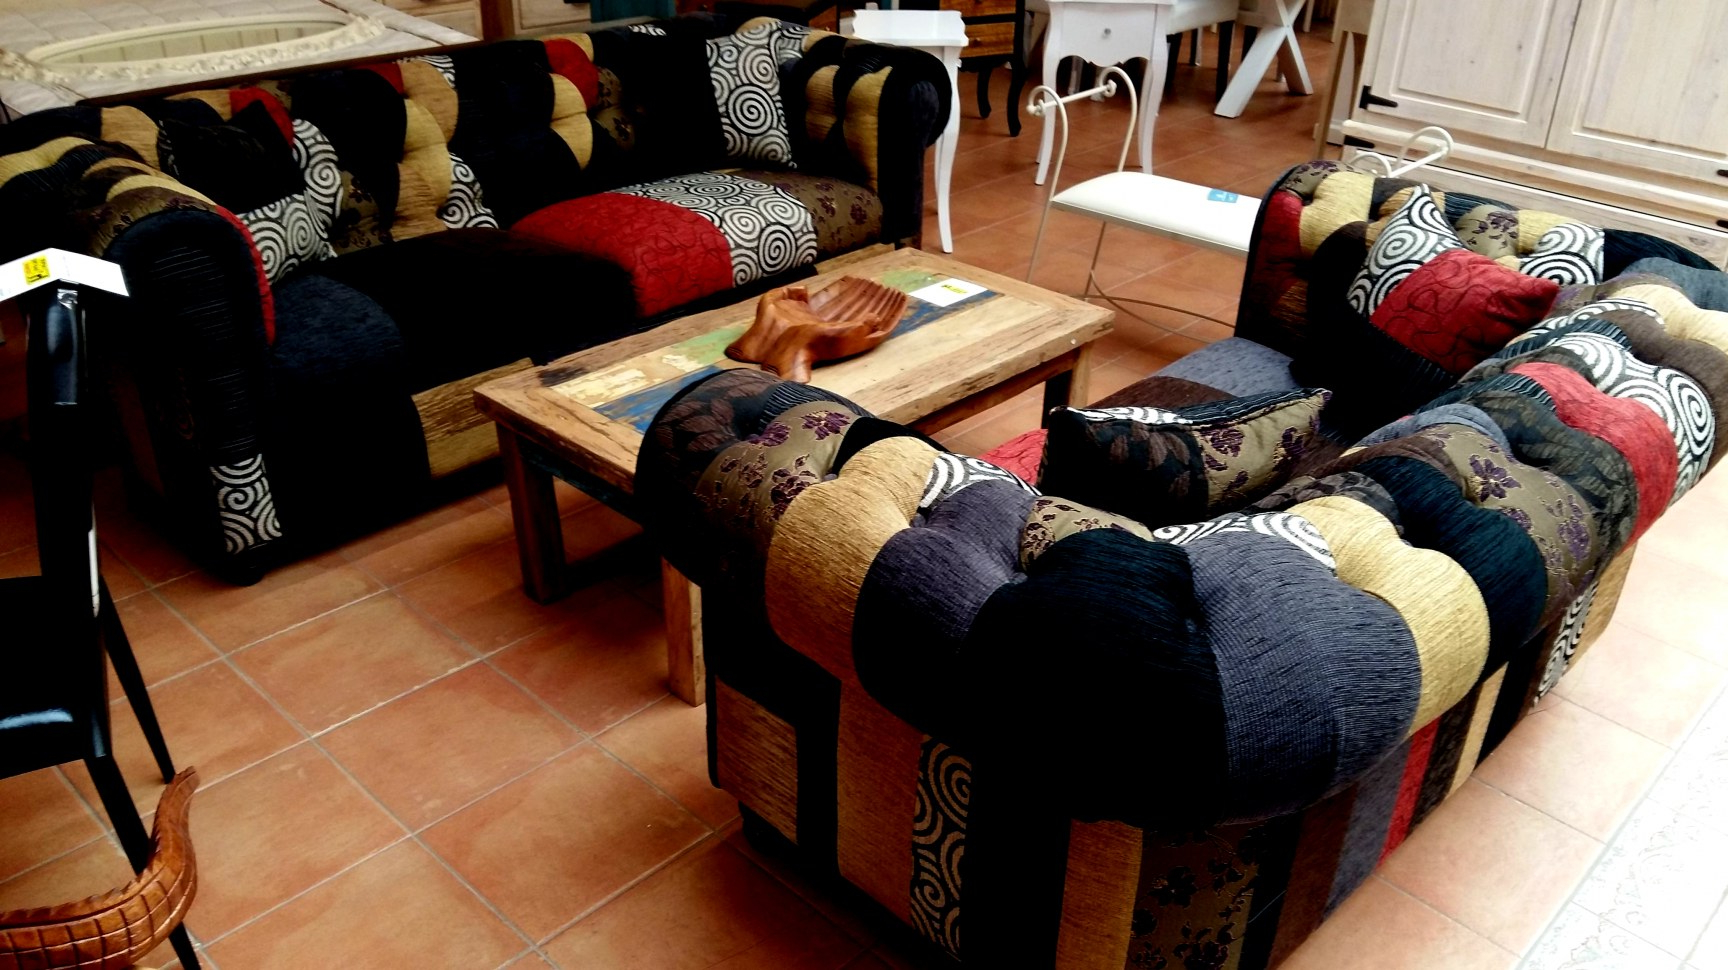 Recogida De Muebles Zaragoza X8d1 Remar Zaragoza Recogida De Muebles Usados En Foto 31 Y Venta